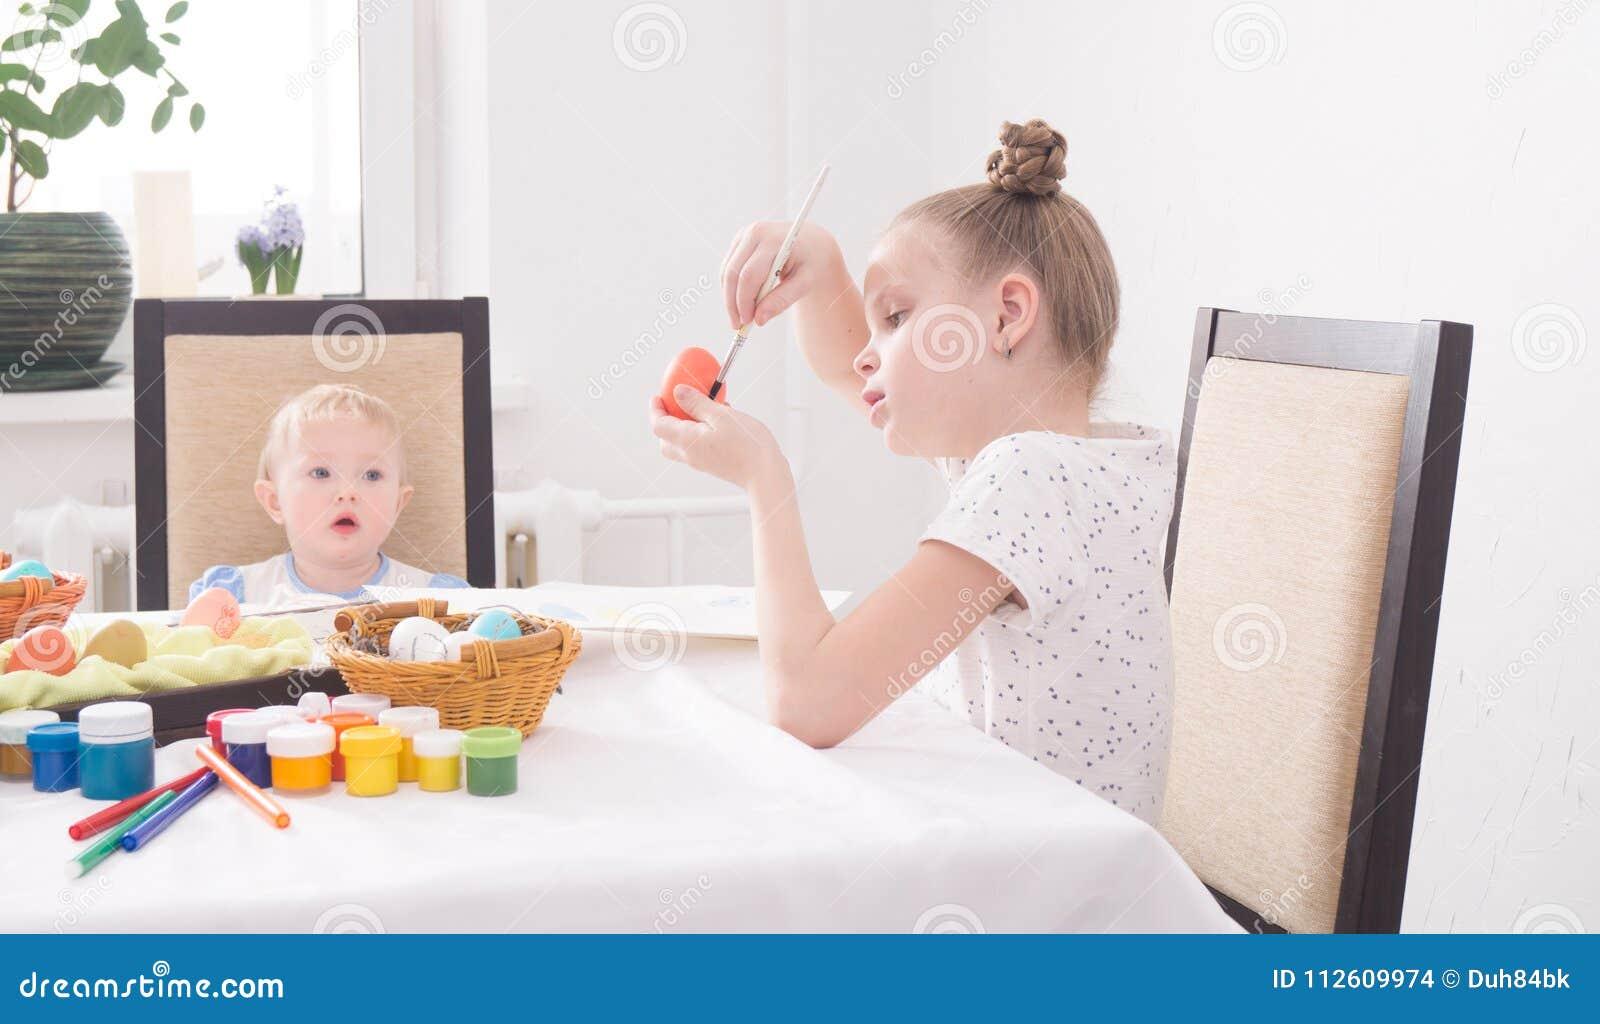 Påsk i familjcirkeln: En flicka målar ett påskägg De mer unga systerklockorna med entusiasm